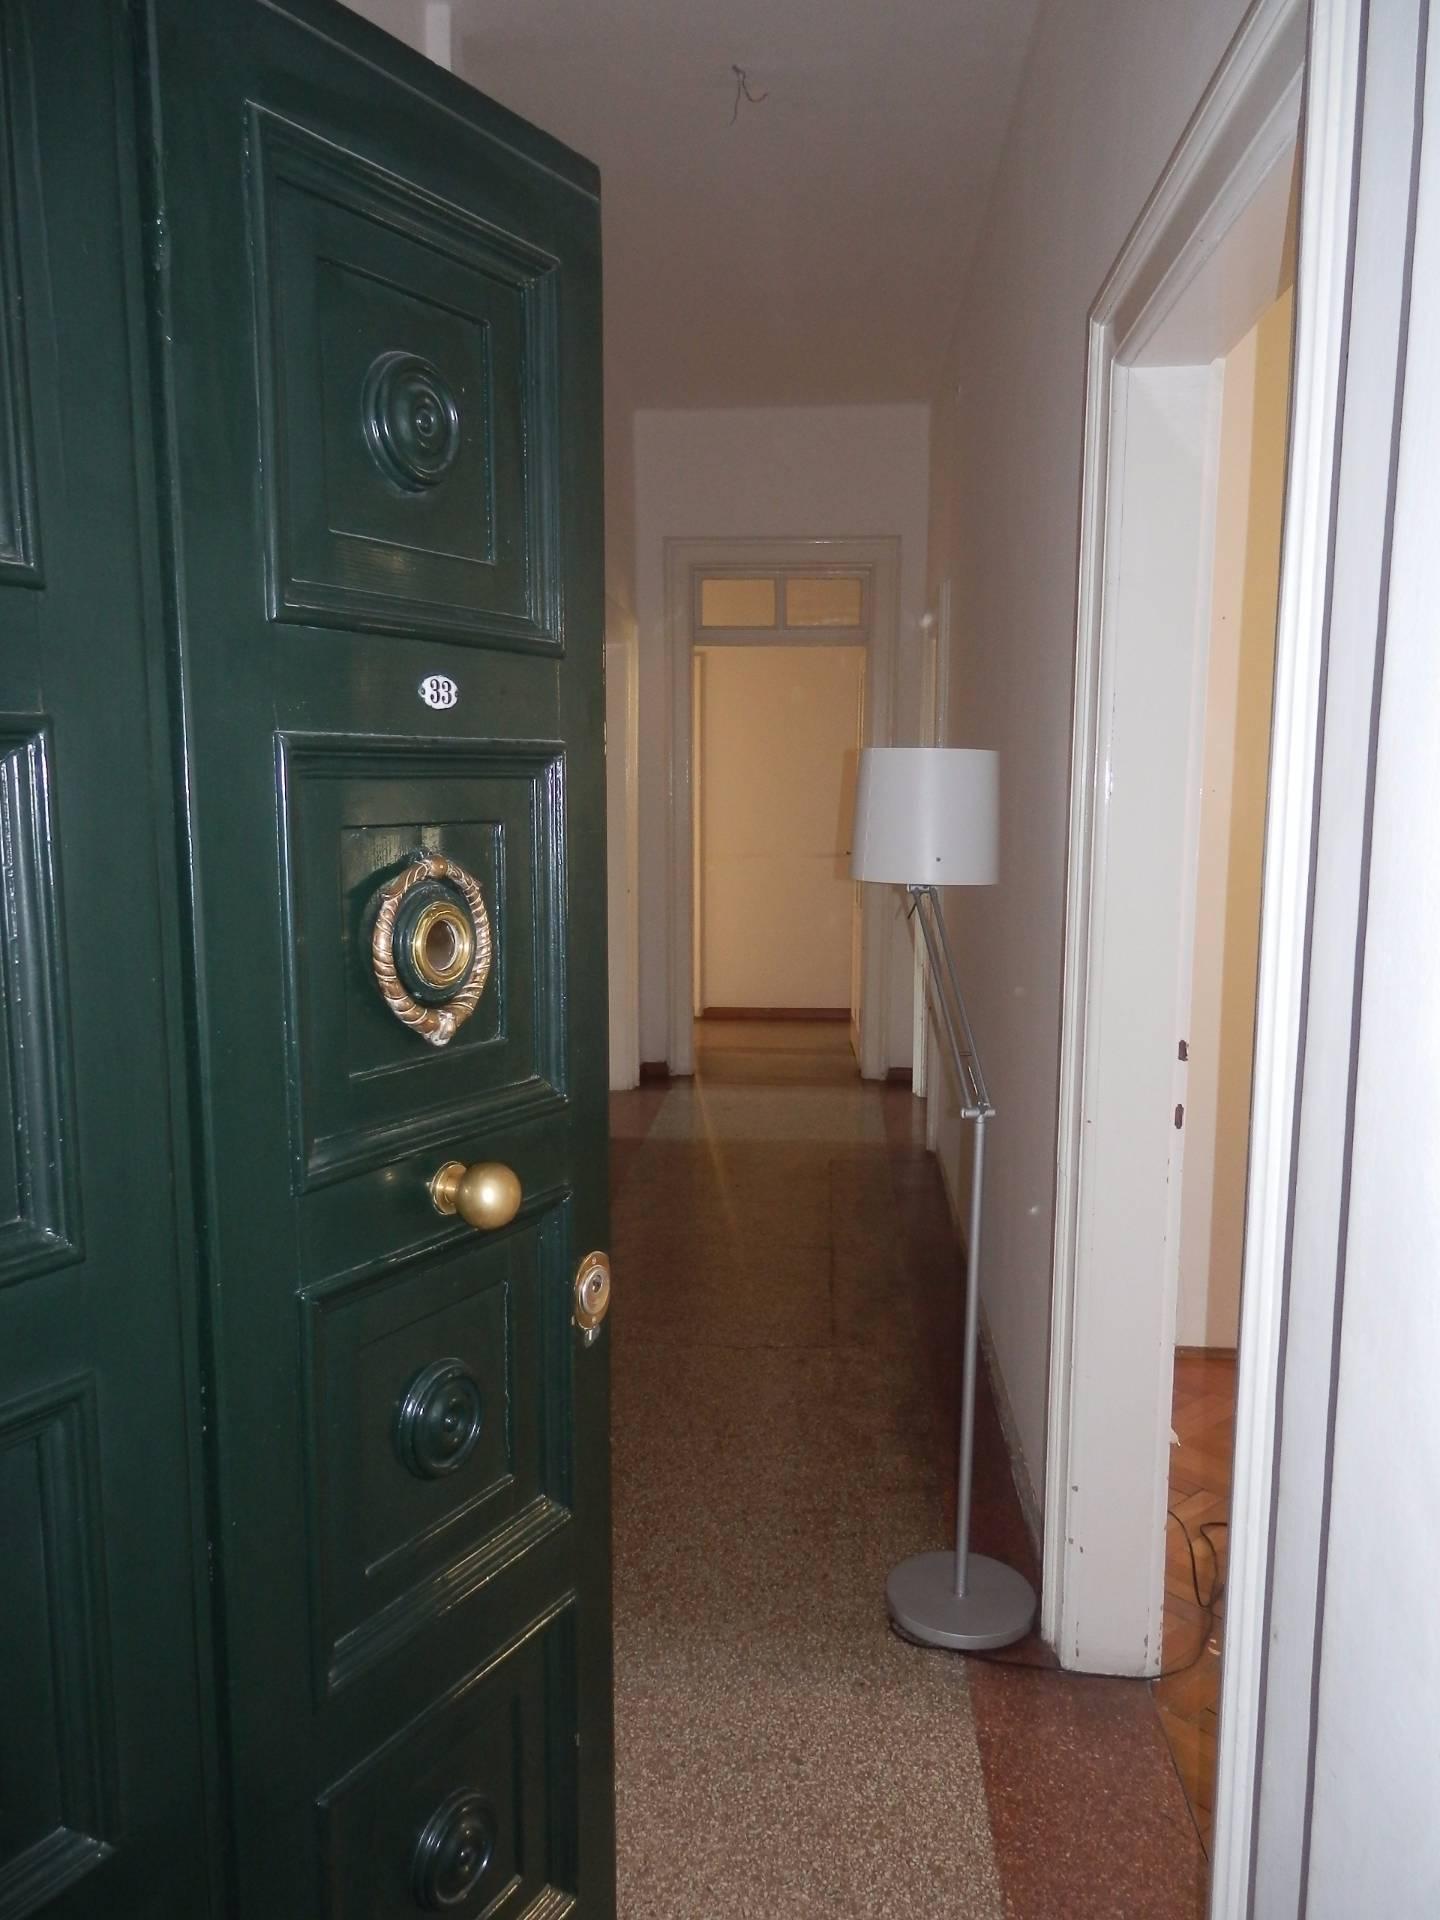 Appartamento in affitto a Bolzano, 7 locali, zona Zona: Centro, prezzo € 1.200 | CambioCasa.it